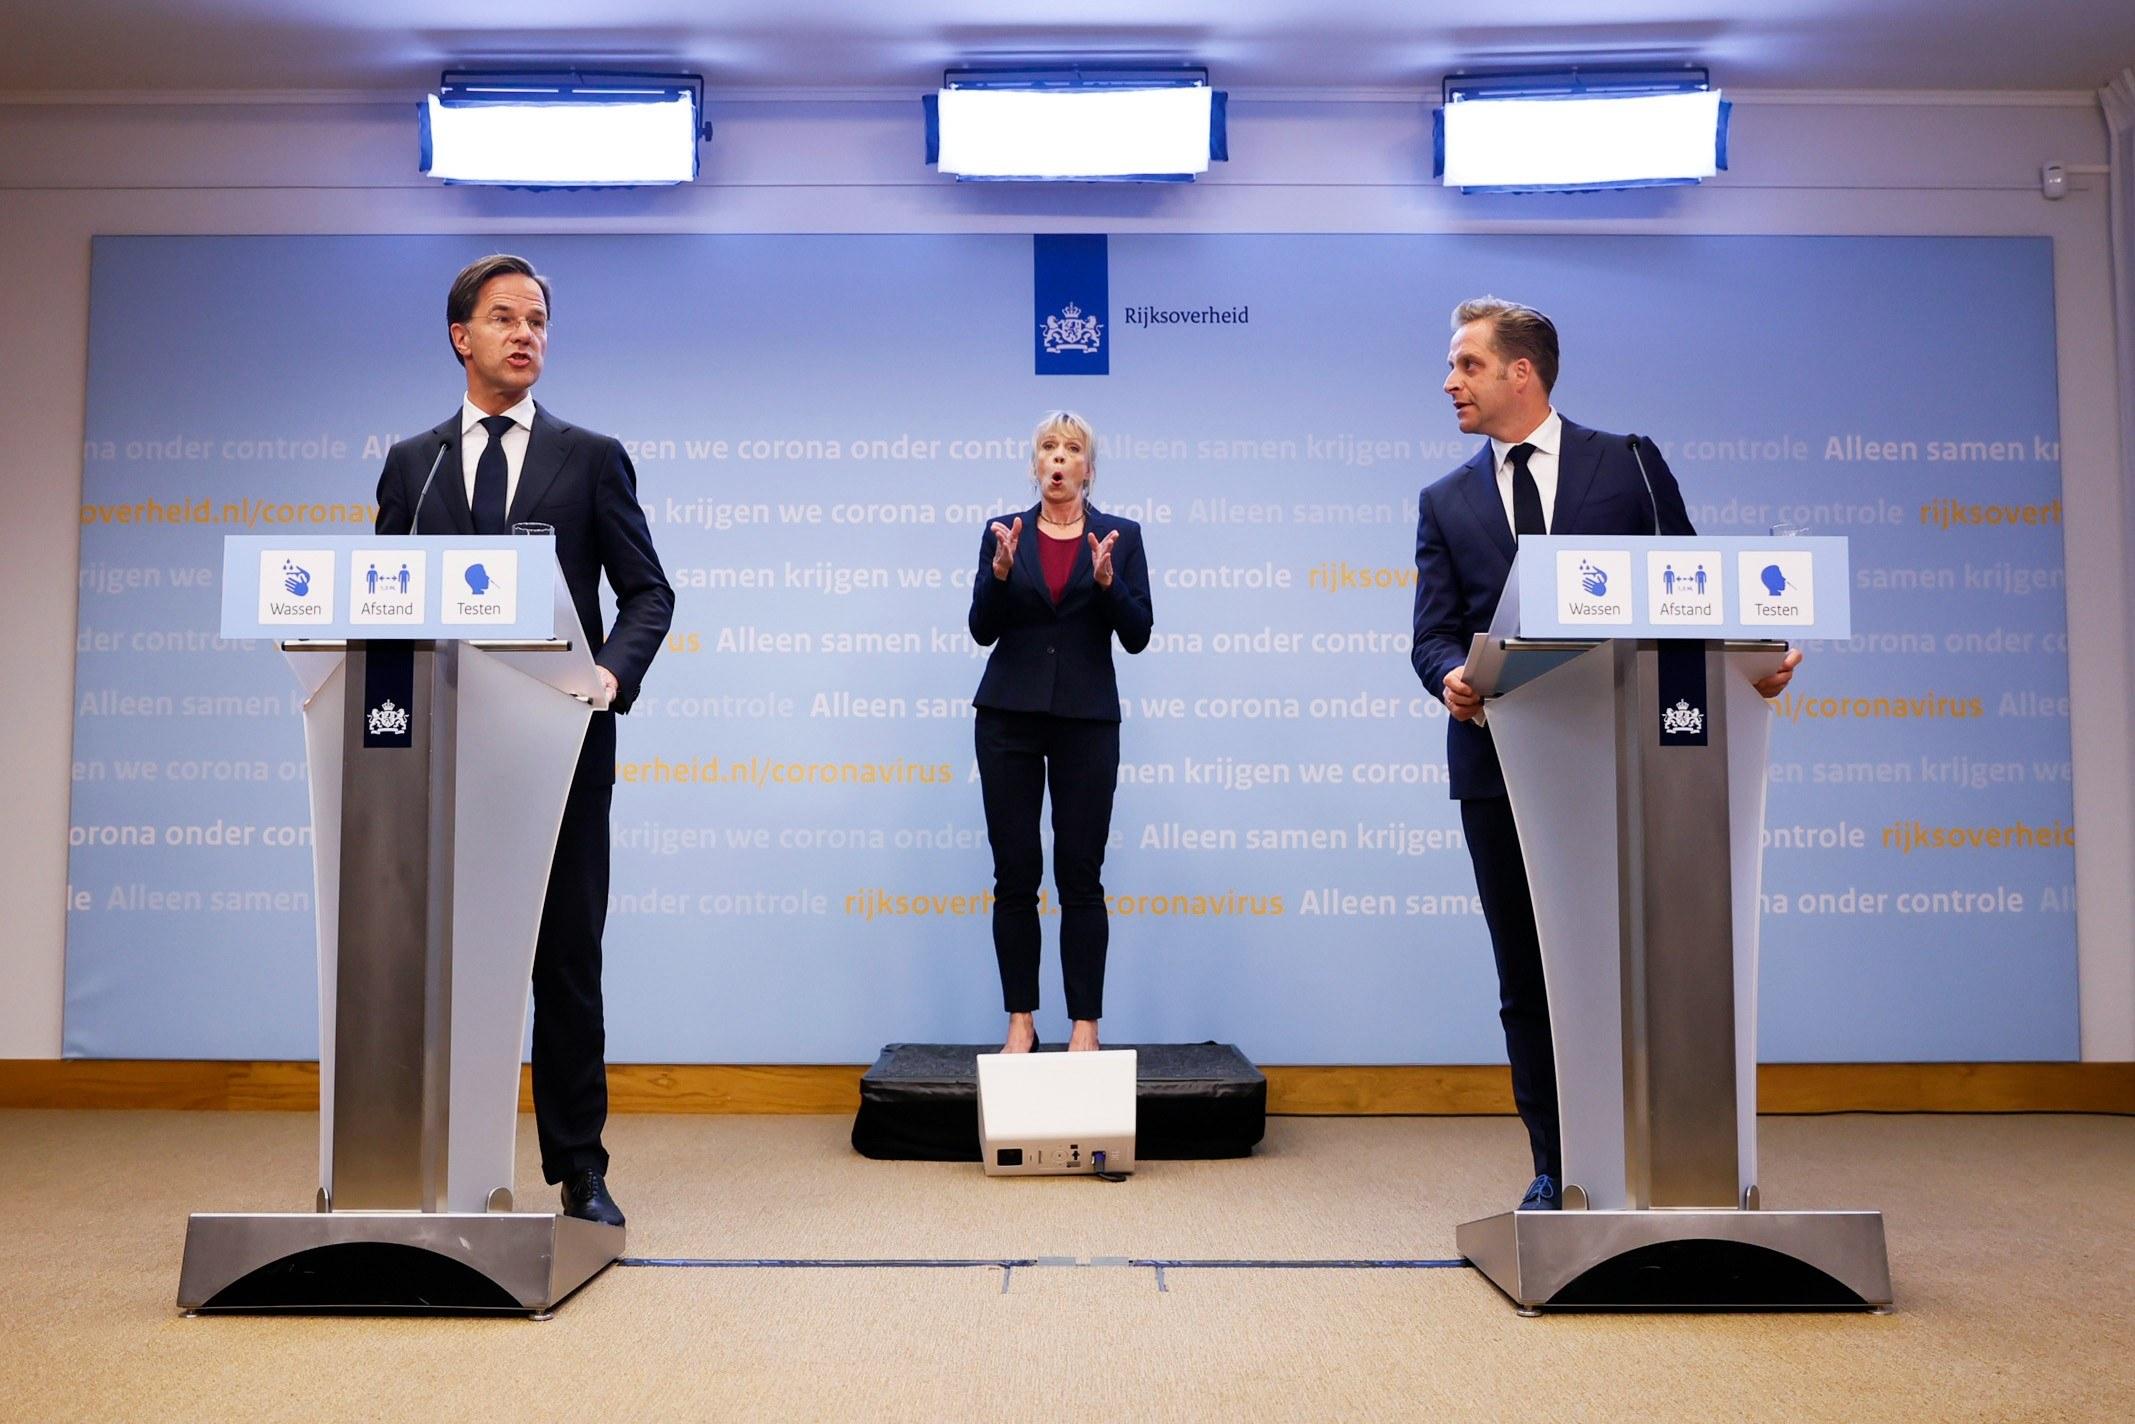 persconferentie vandaag versoepelingen coronamaatregelen rutte de jonge mondkapjes horeca